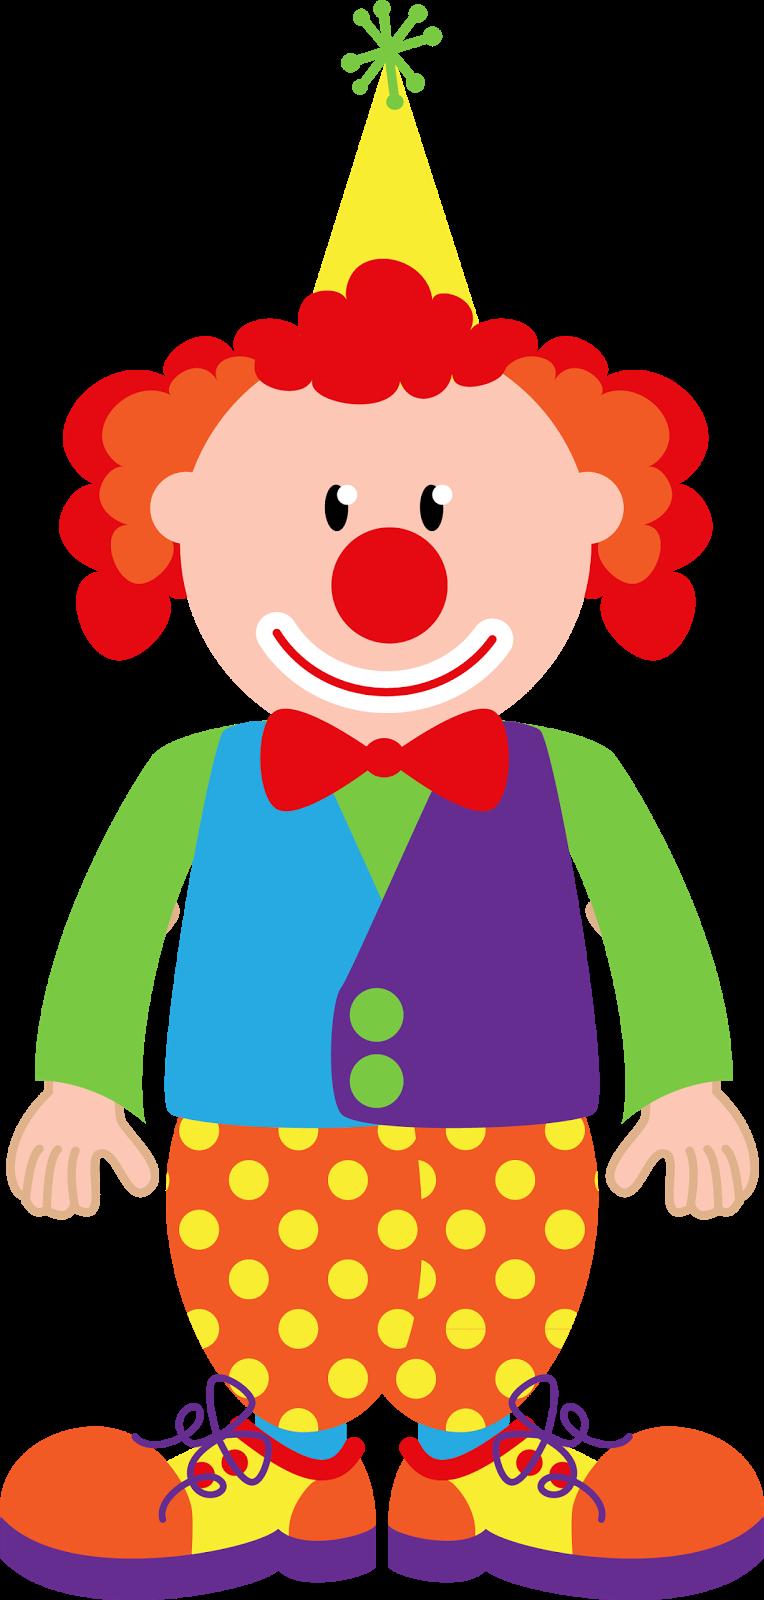 Веселый клоун рисунок для детей, прикольные